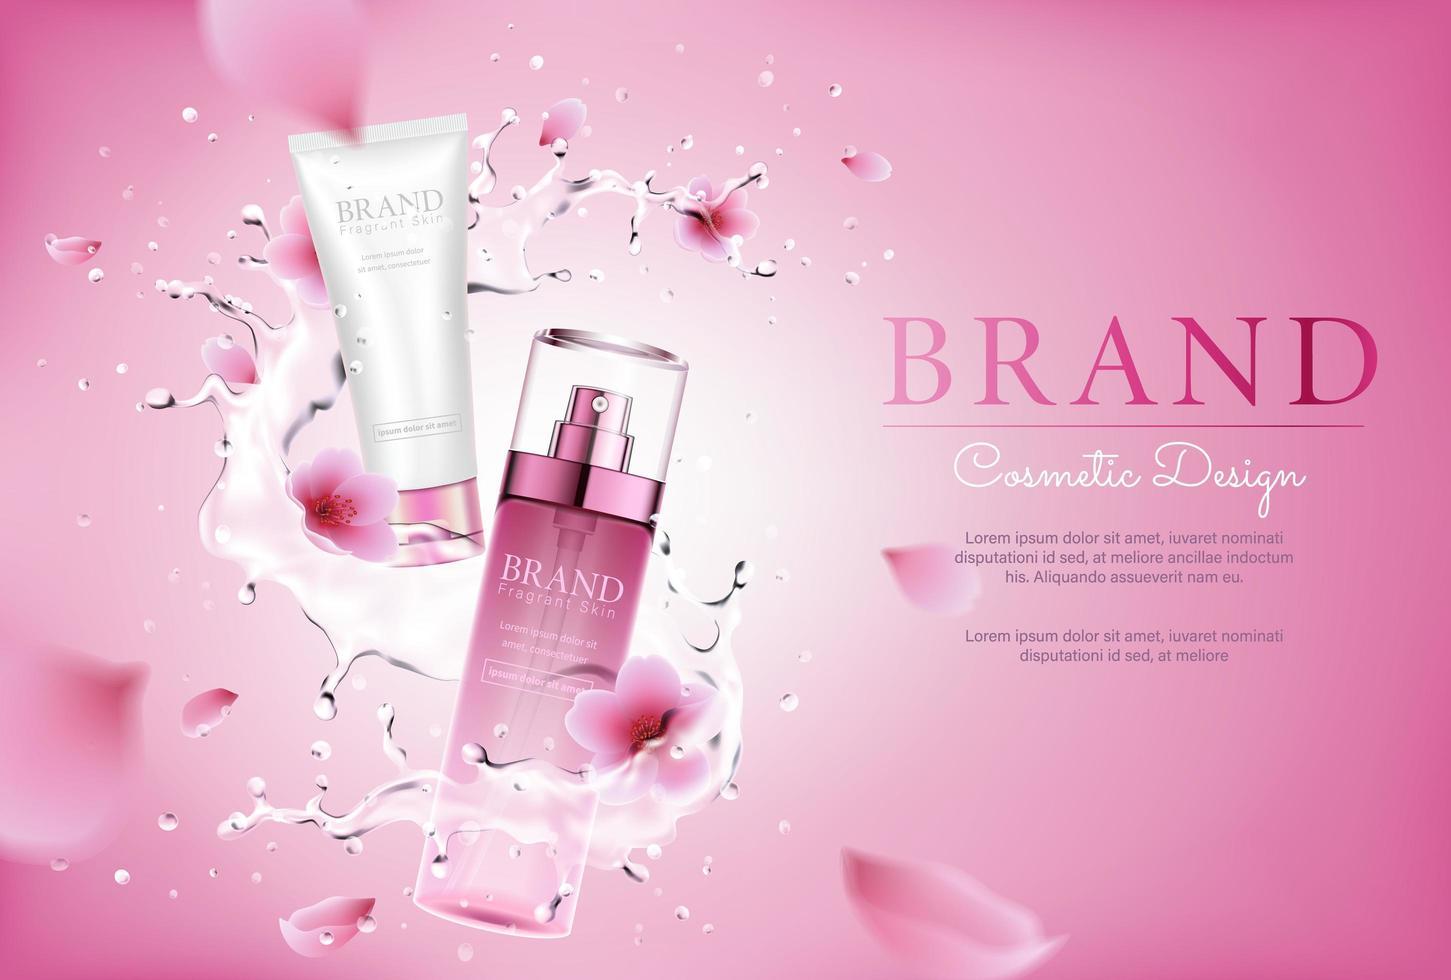 Kirschblütenkosmetik mit Spritzwasser und rosa Hintergrund vektor